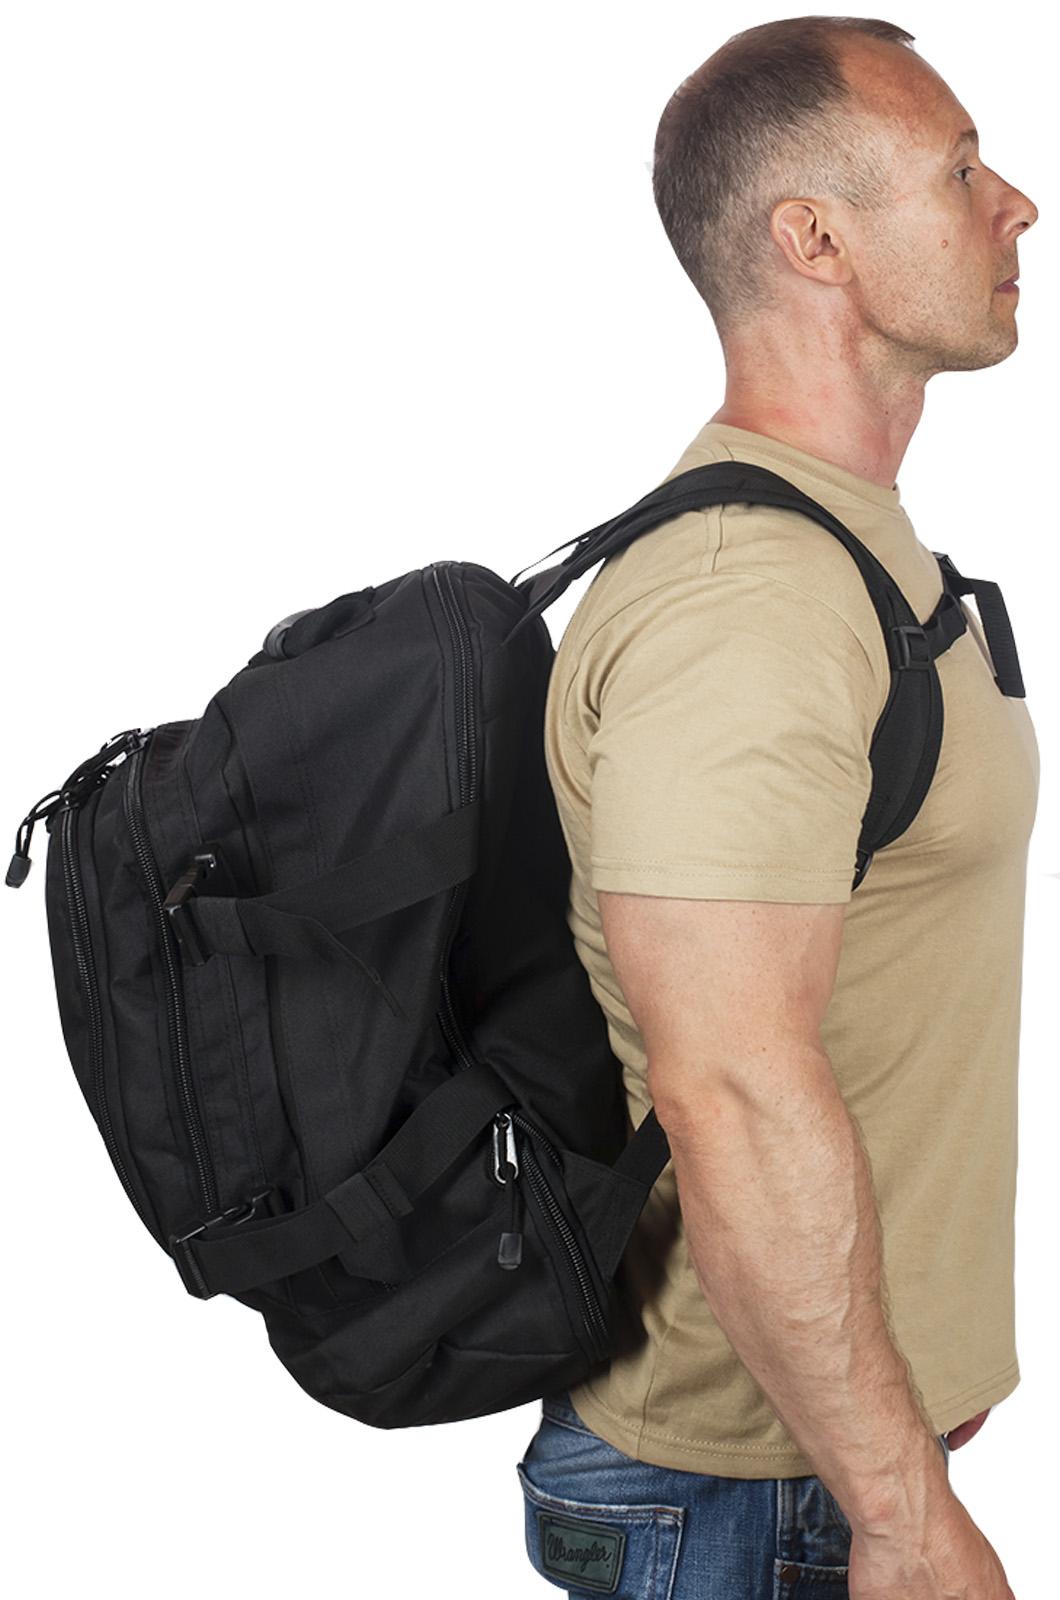 Черный рюкзак универсального назначения с нашивкой РХБЗ купить по лучшей цене